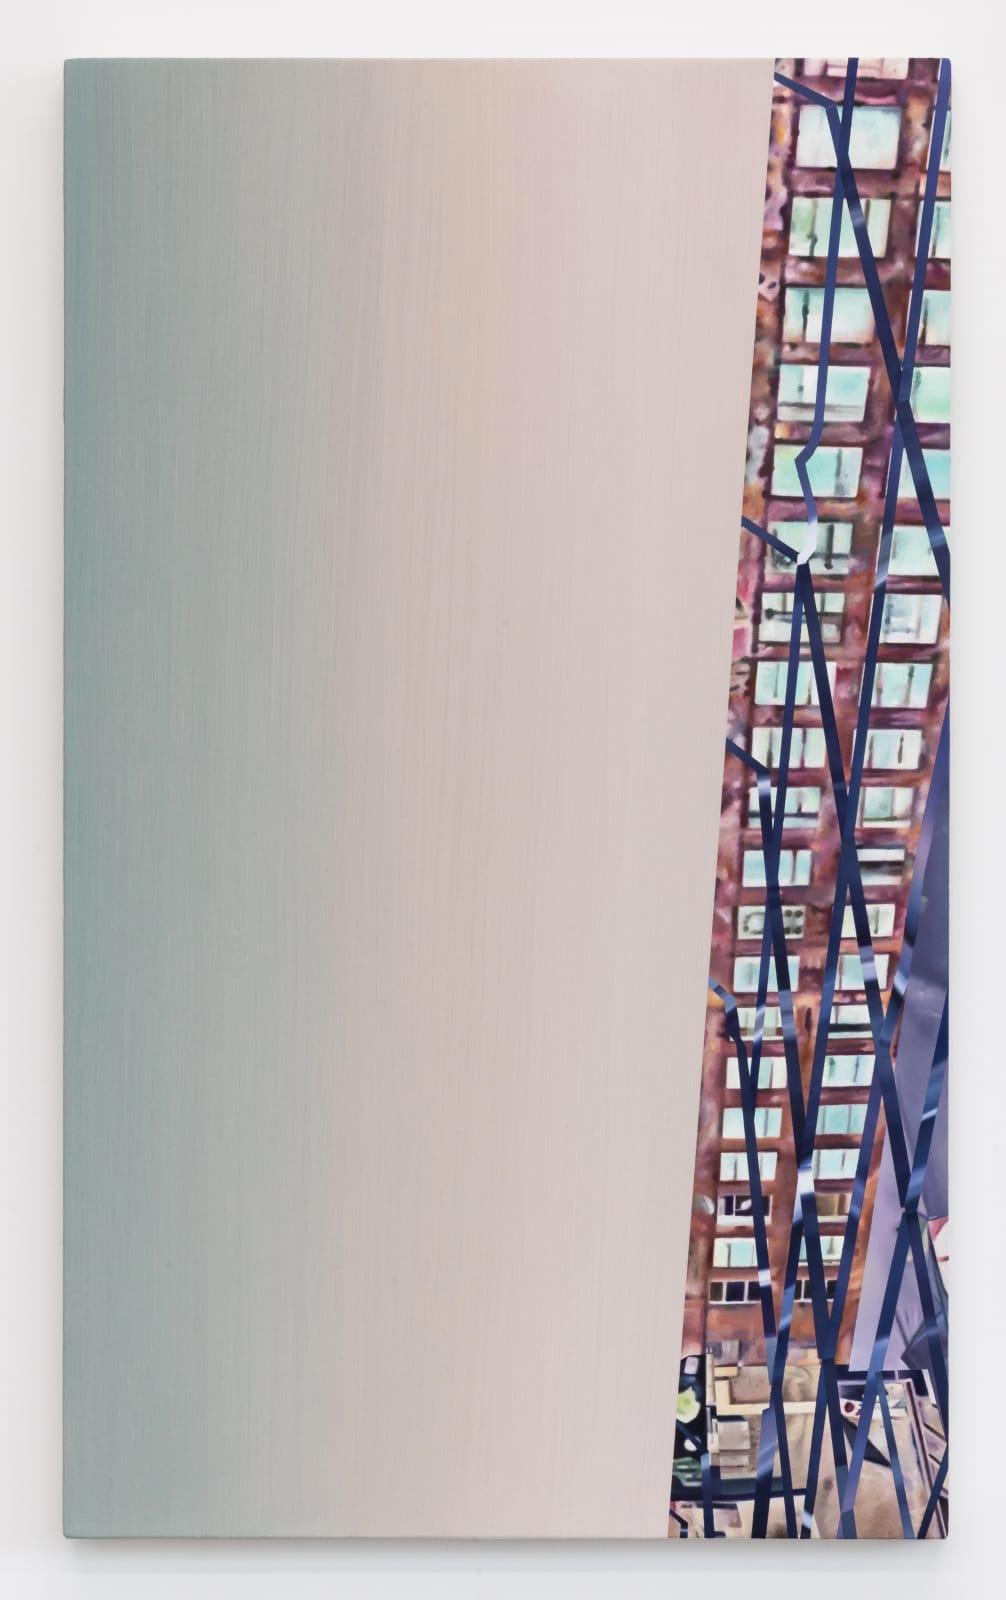 Natalie Birinyi, Hearst Tower, 2020